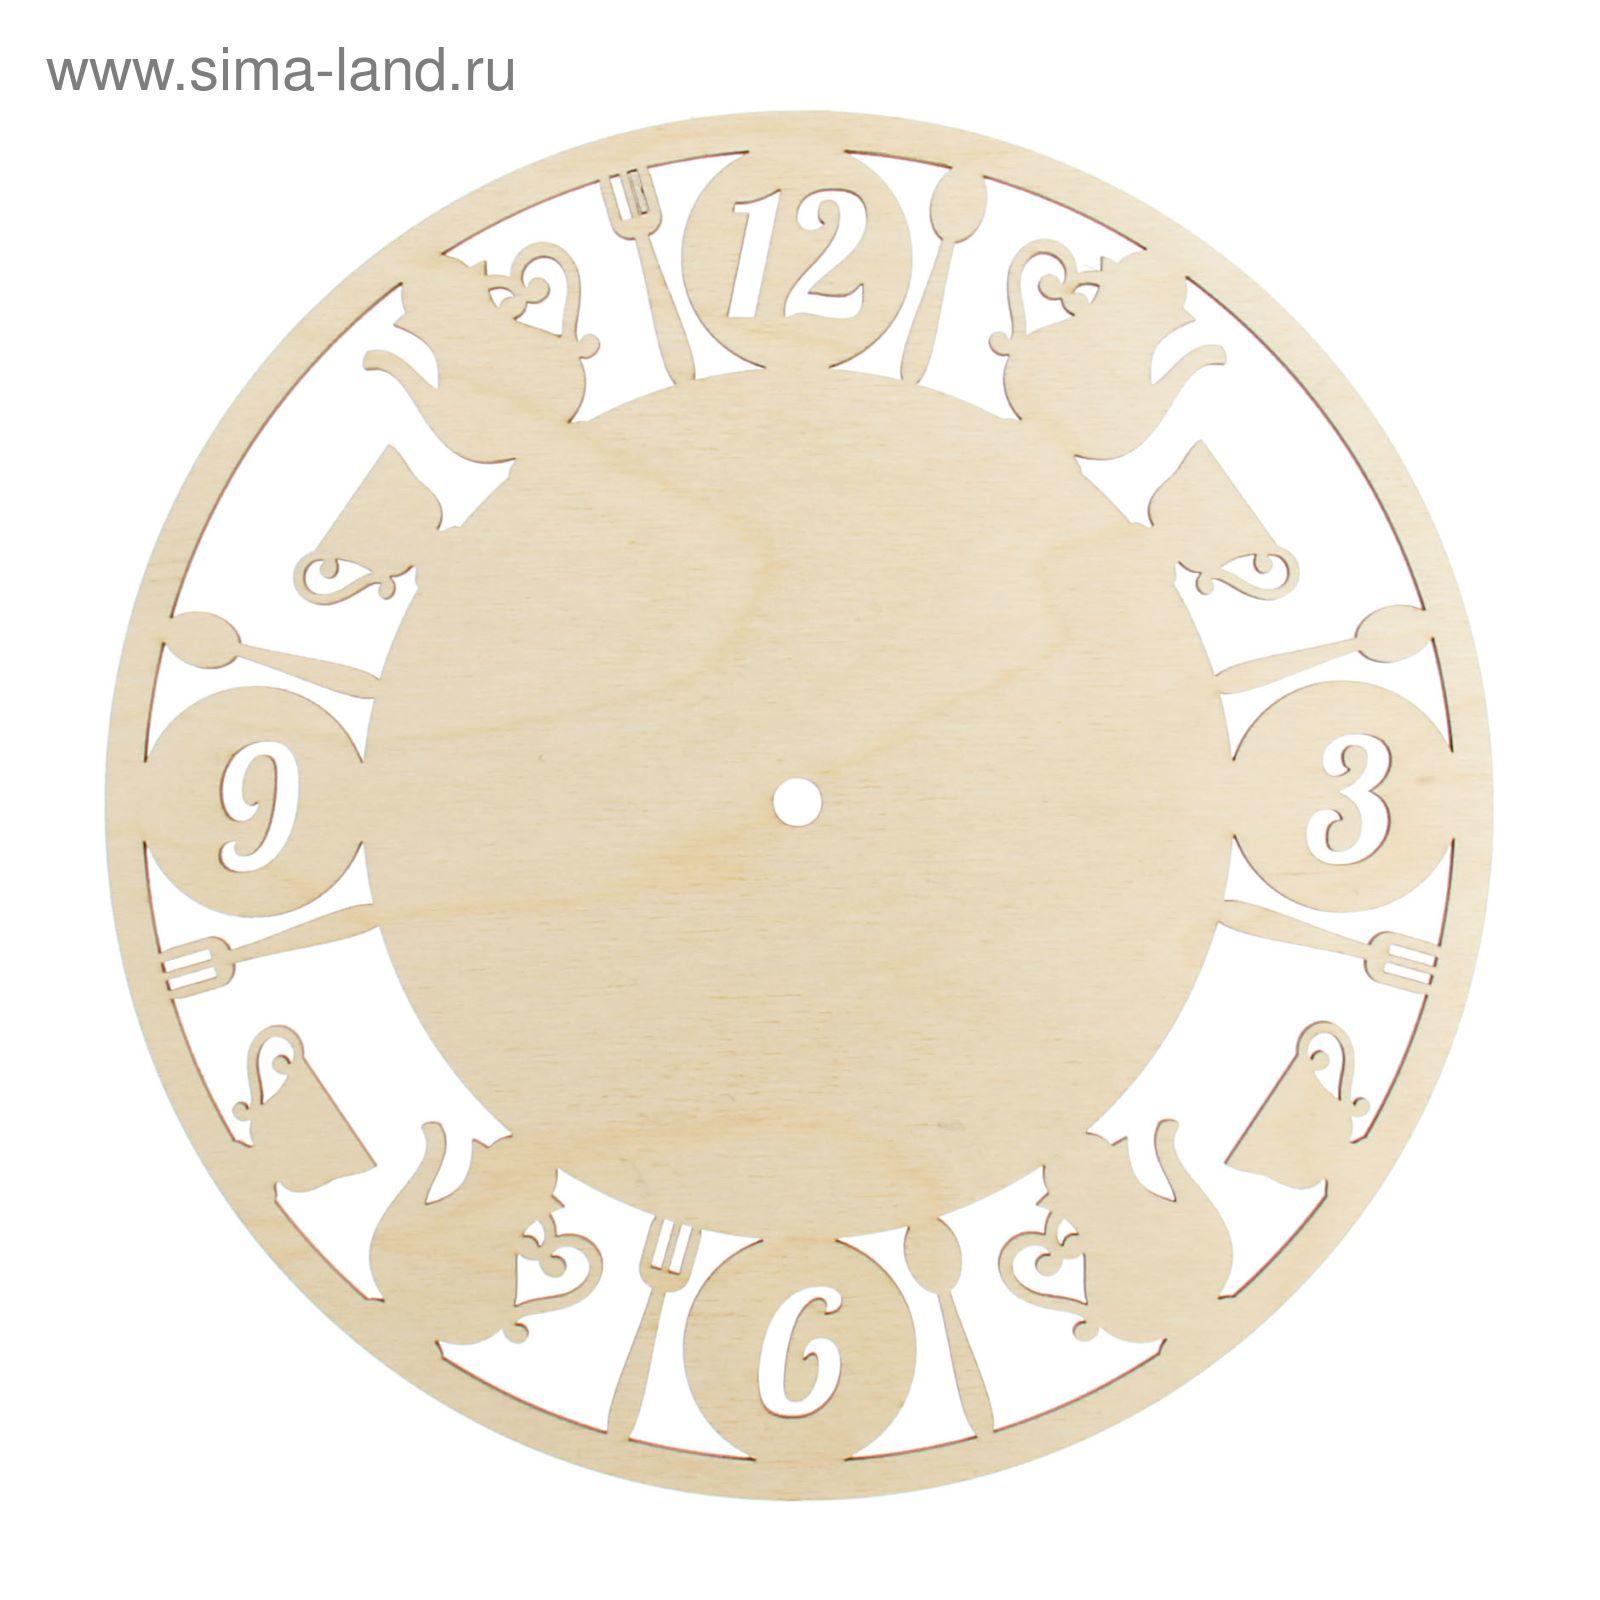 Купить заготовку часы цифры золотые часы тиссот в москве купить